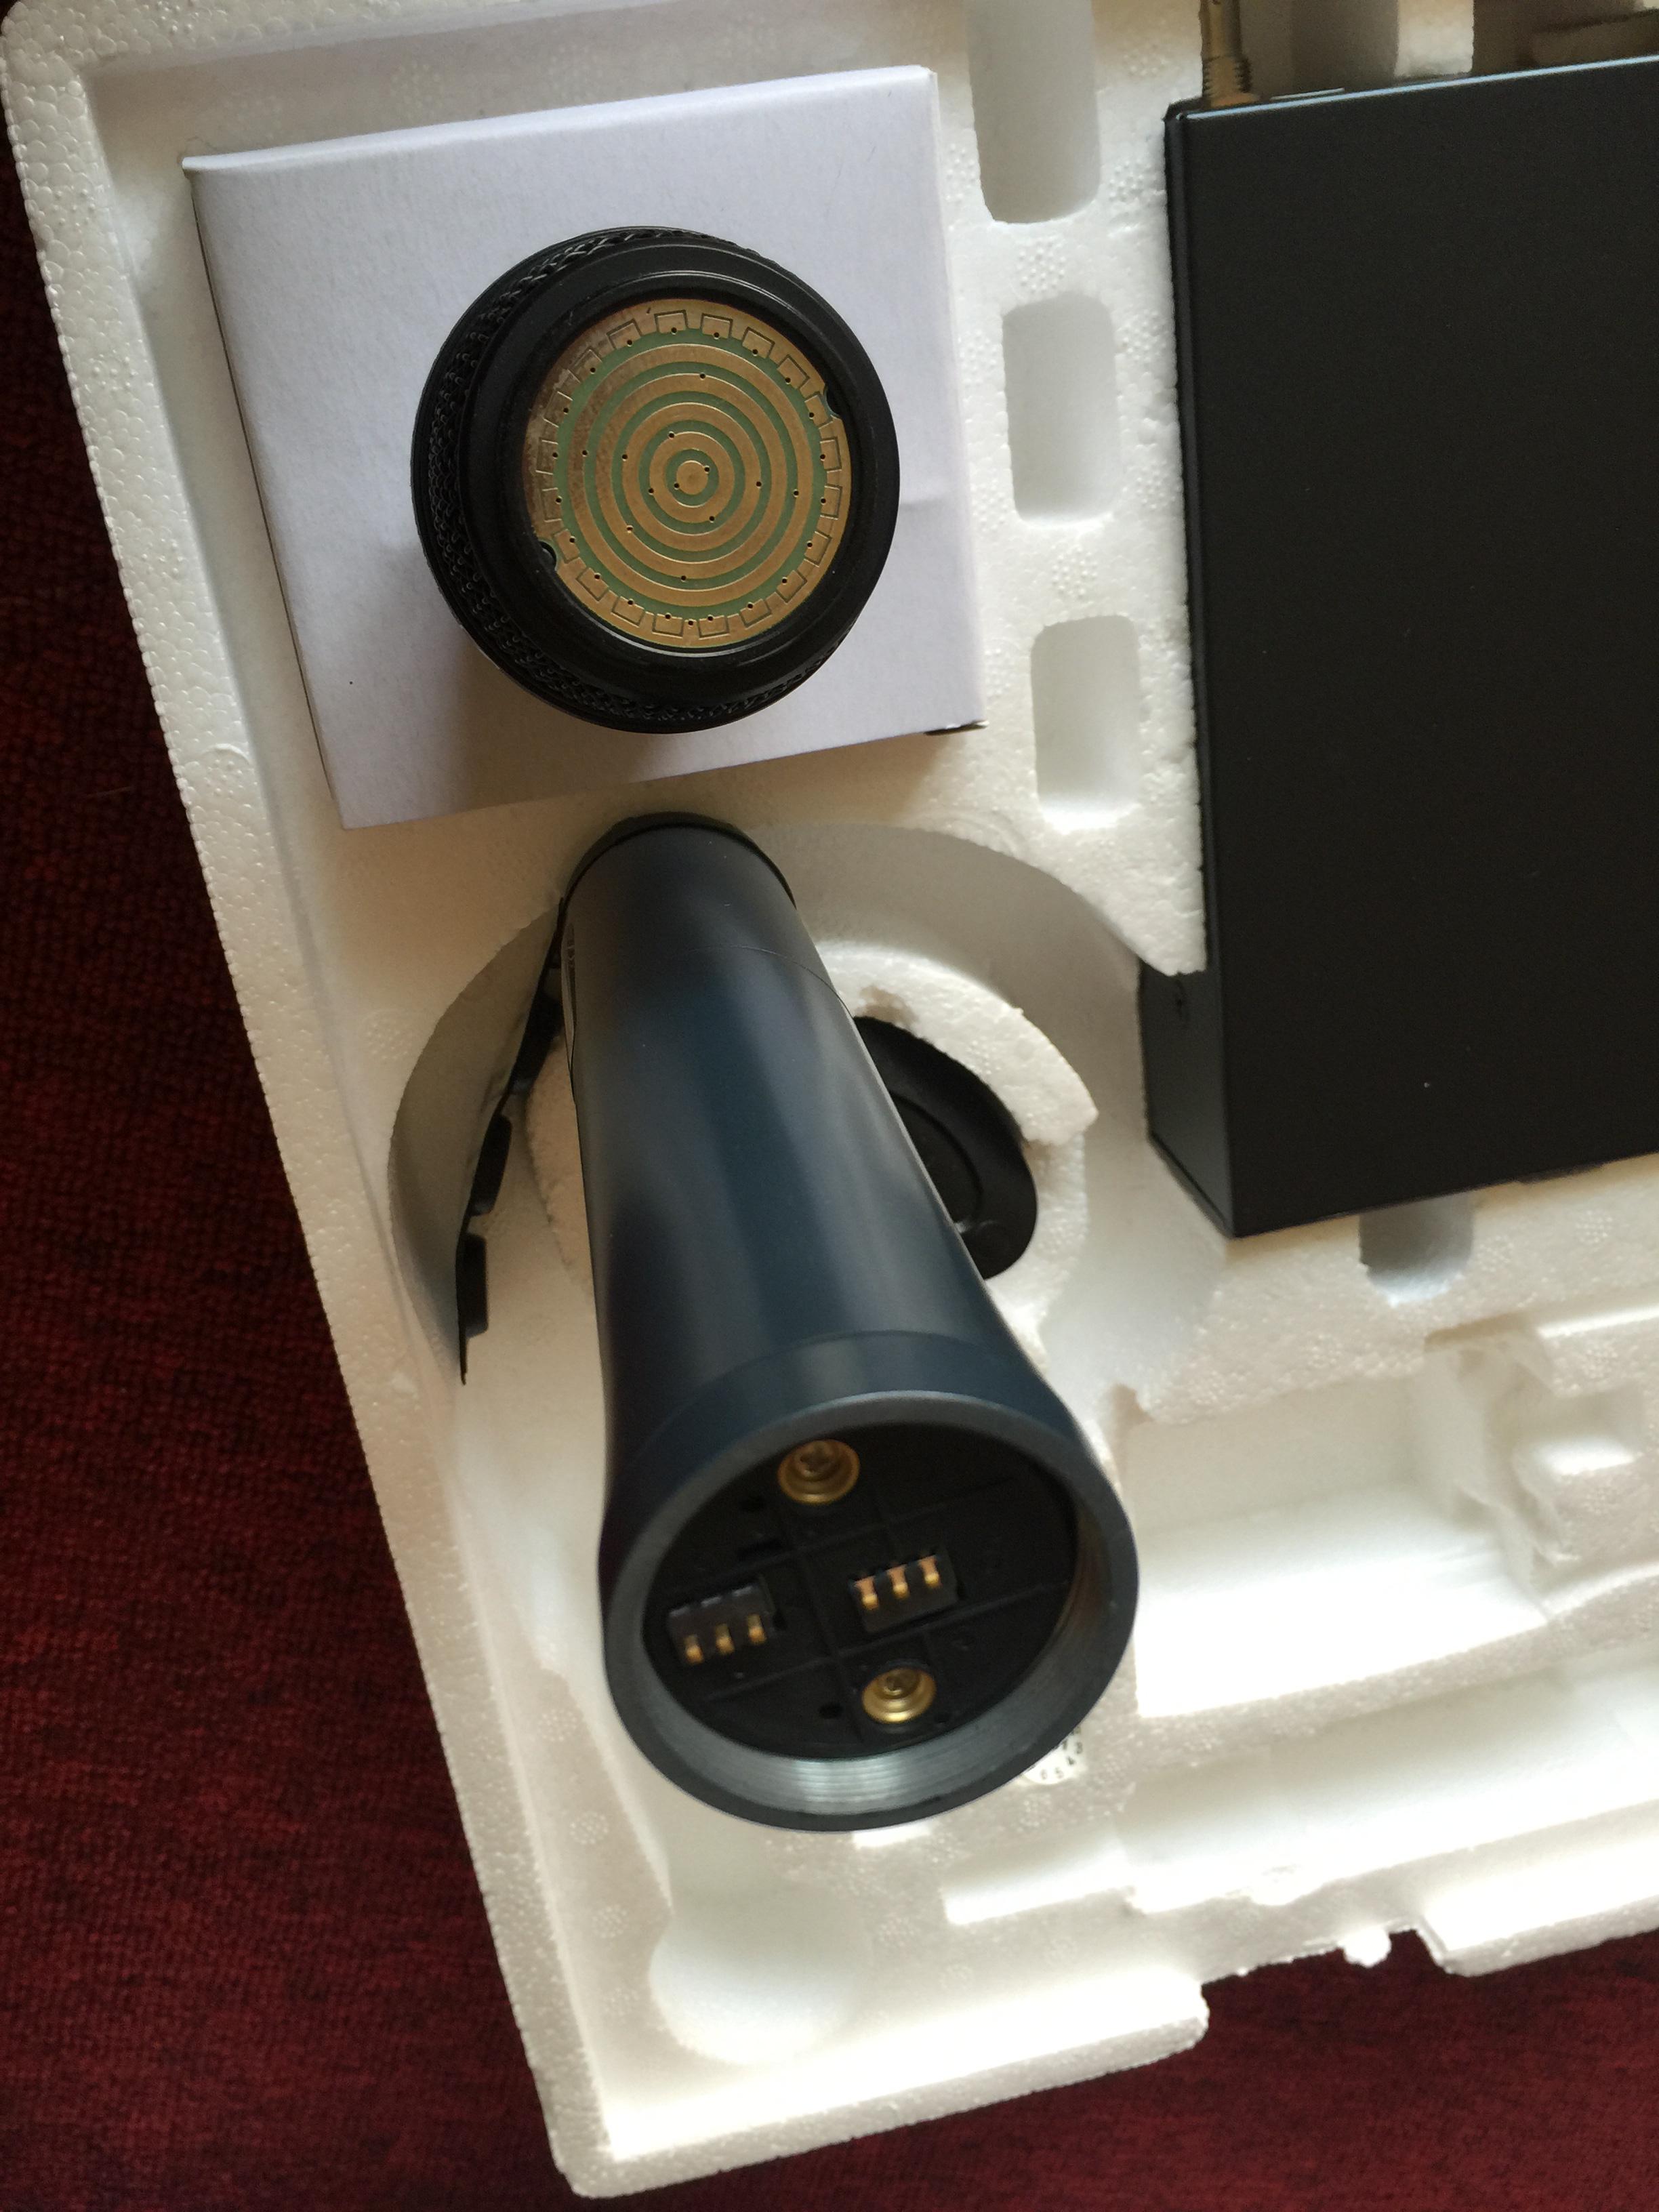 3 Senneisher 135-g3 micro không dây cho sự kiện chuyên nghiệp